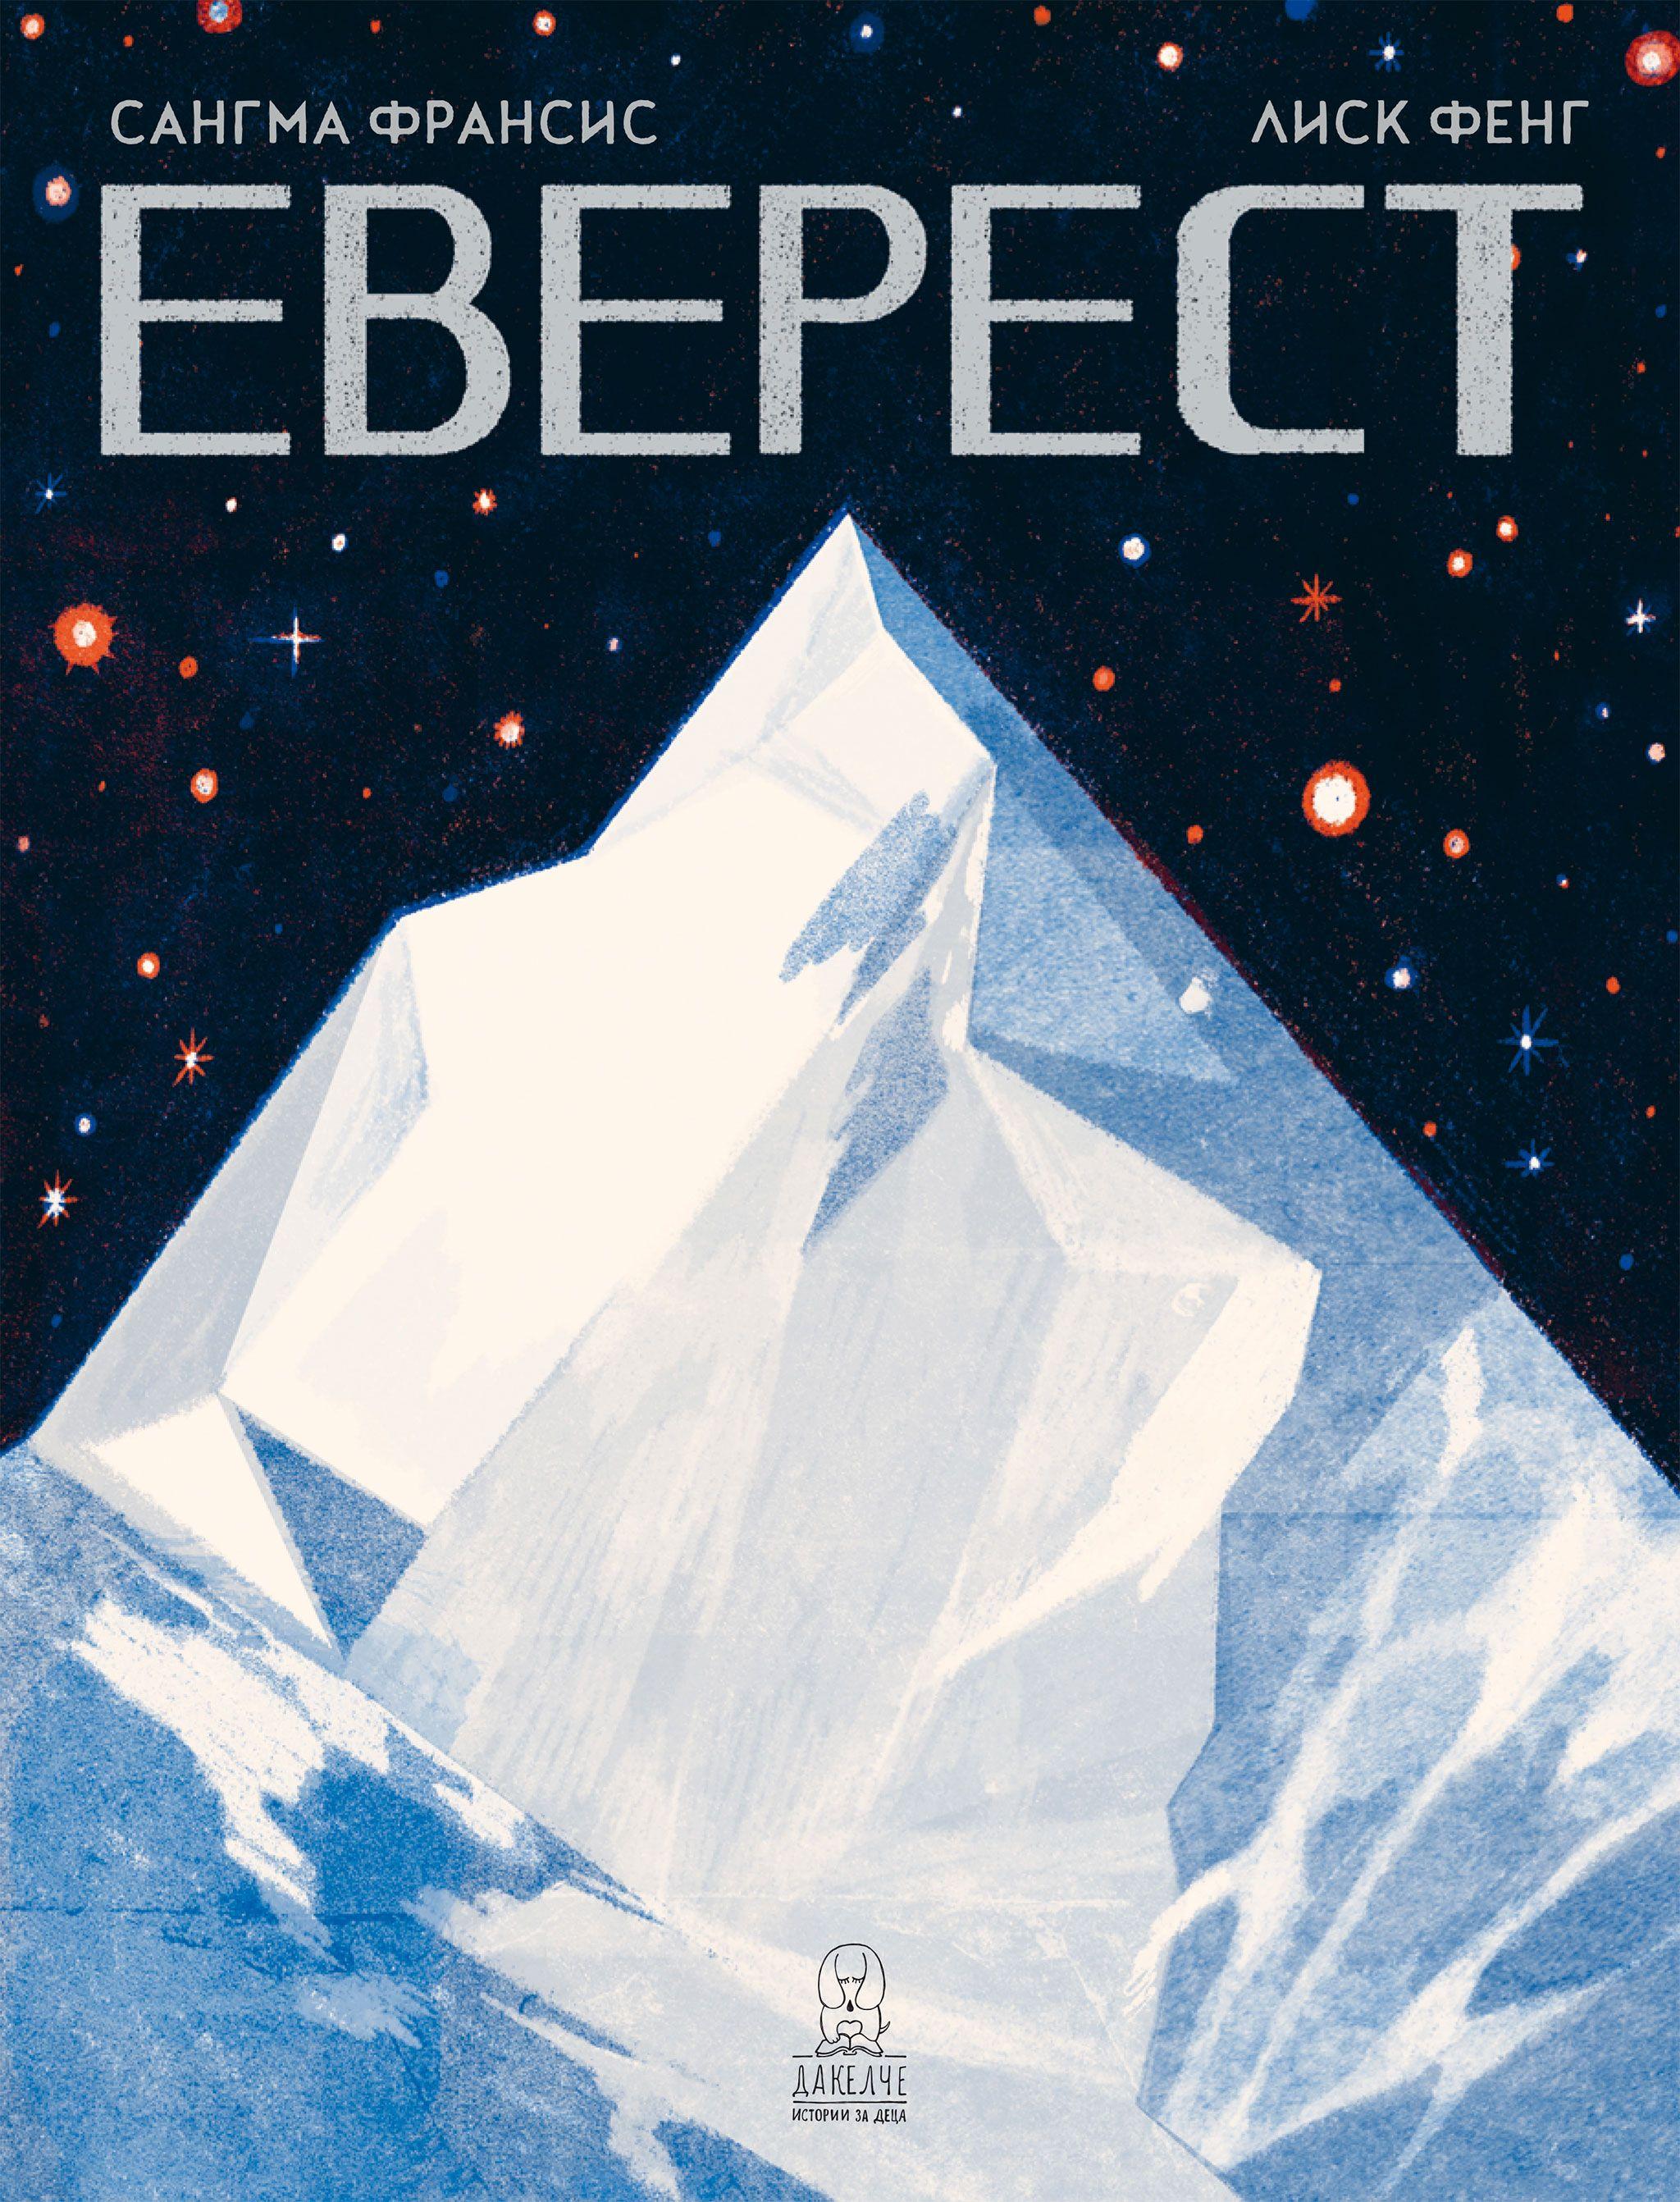 Еверест (Сангма Франсис) - 1